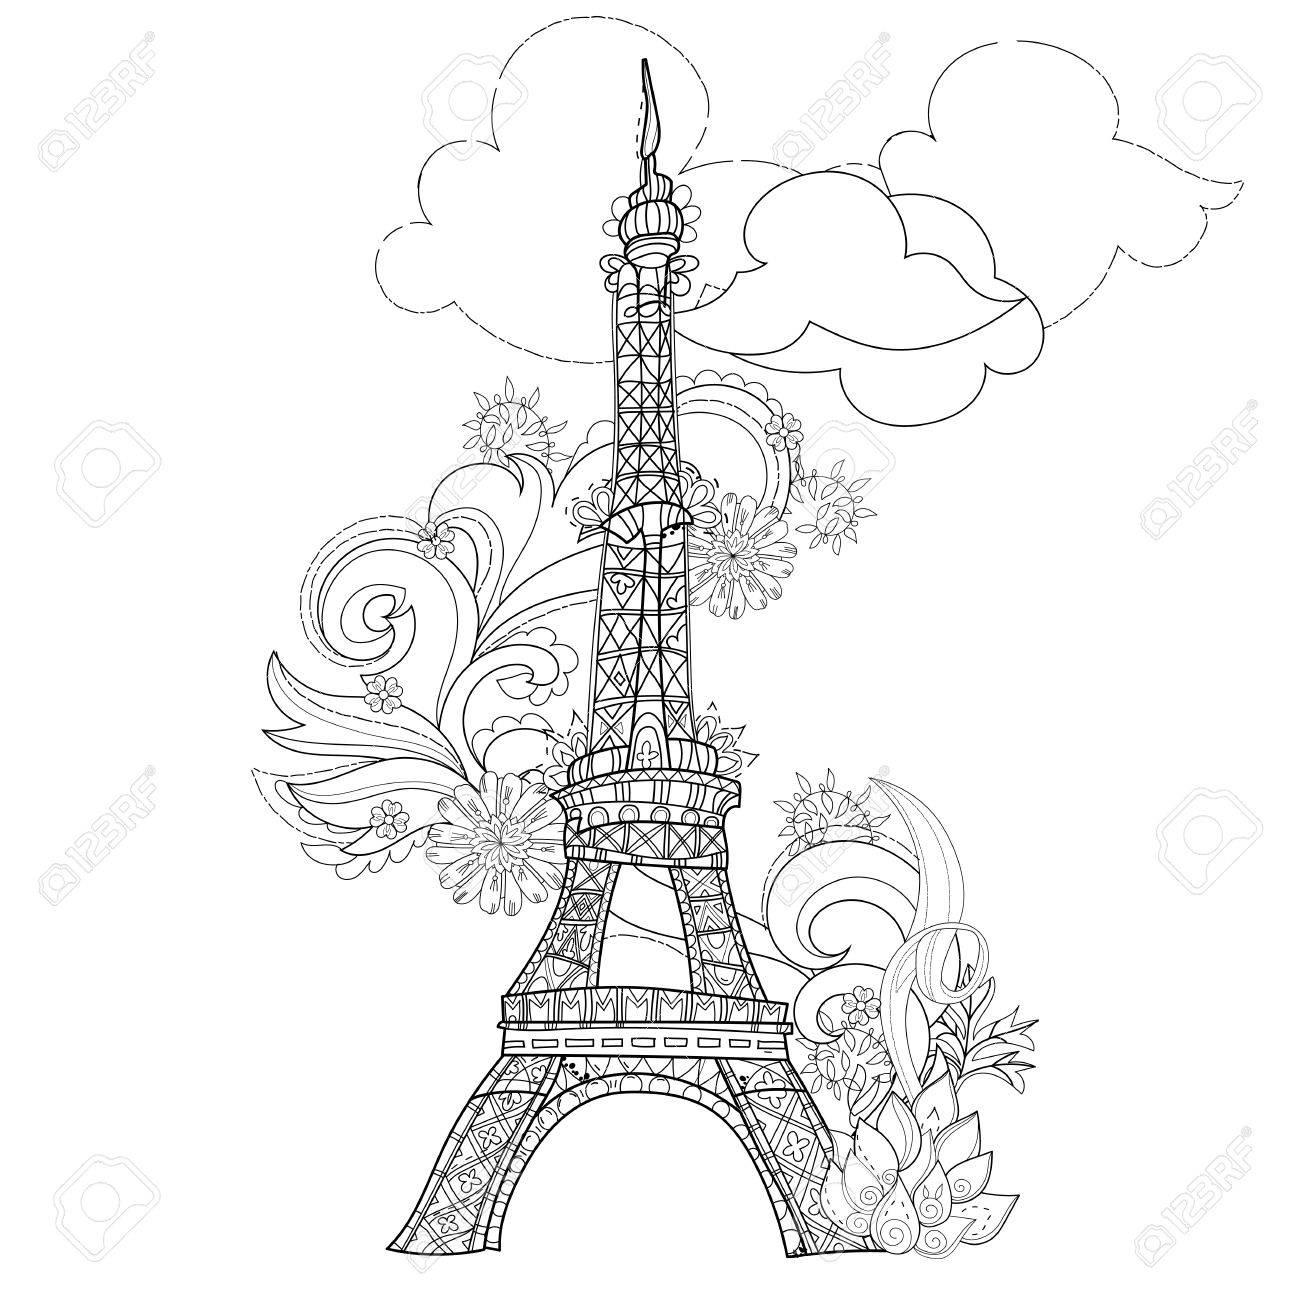 Estilizada Ilustración Dibujados A Mano De La Torre Eiffel Boceto Para El Tatuaje O Makhenda Estilo De Francia Collectionboho